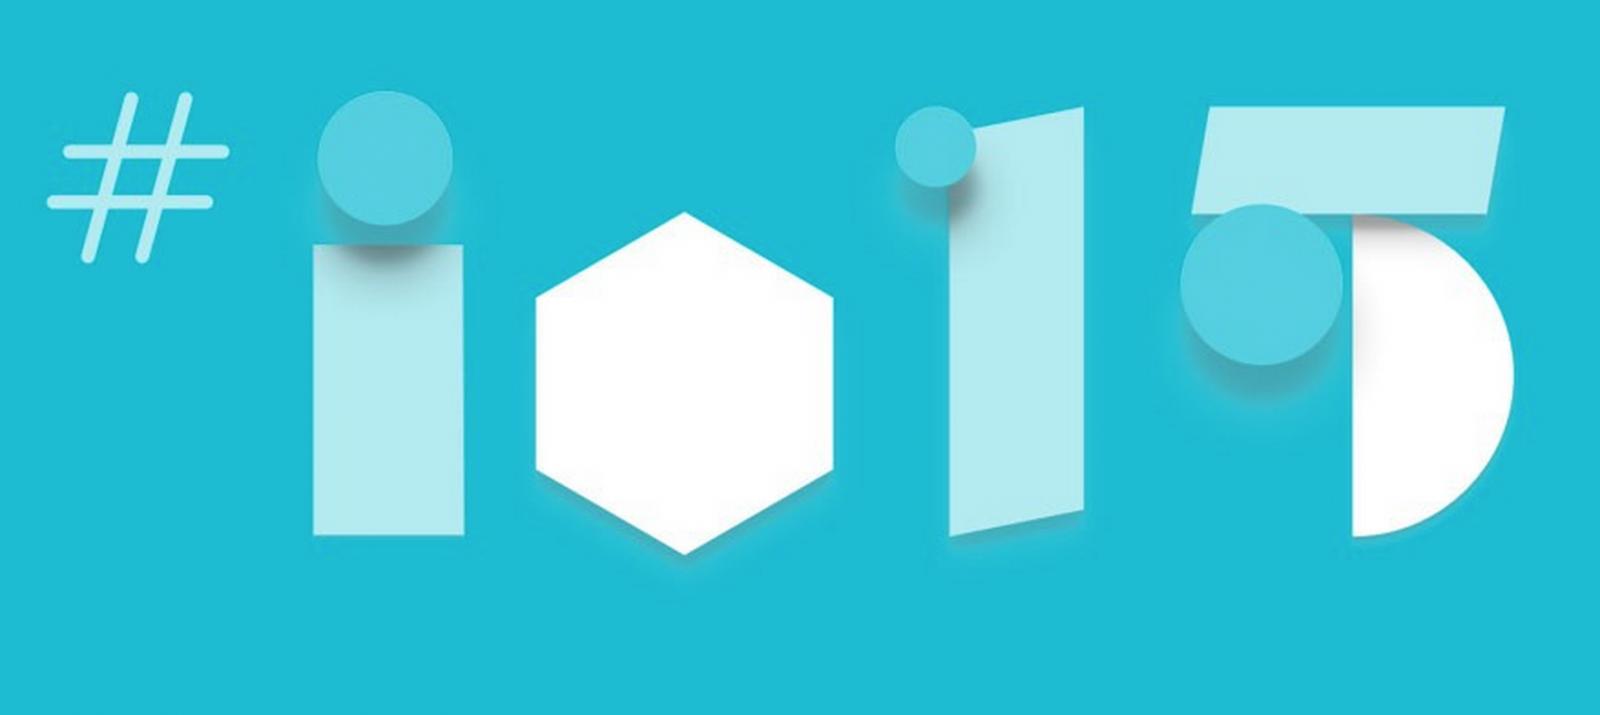 Google I/O 2015 Livestream